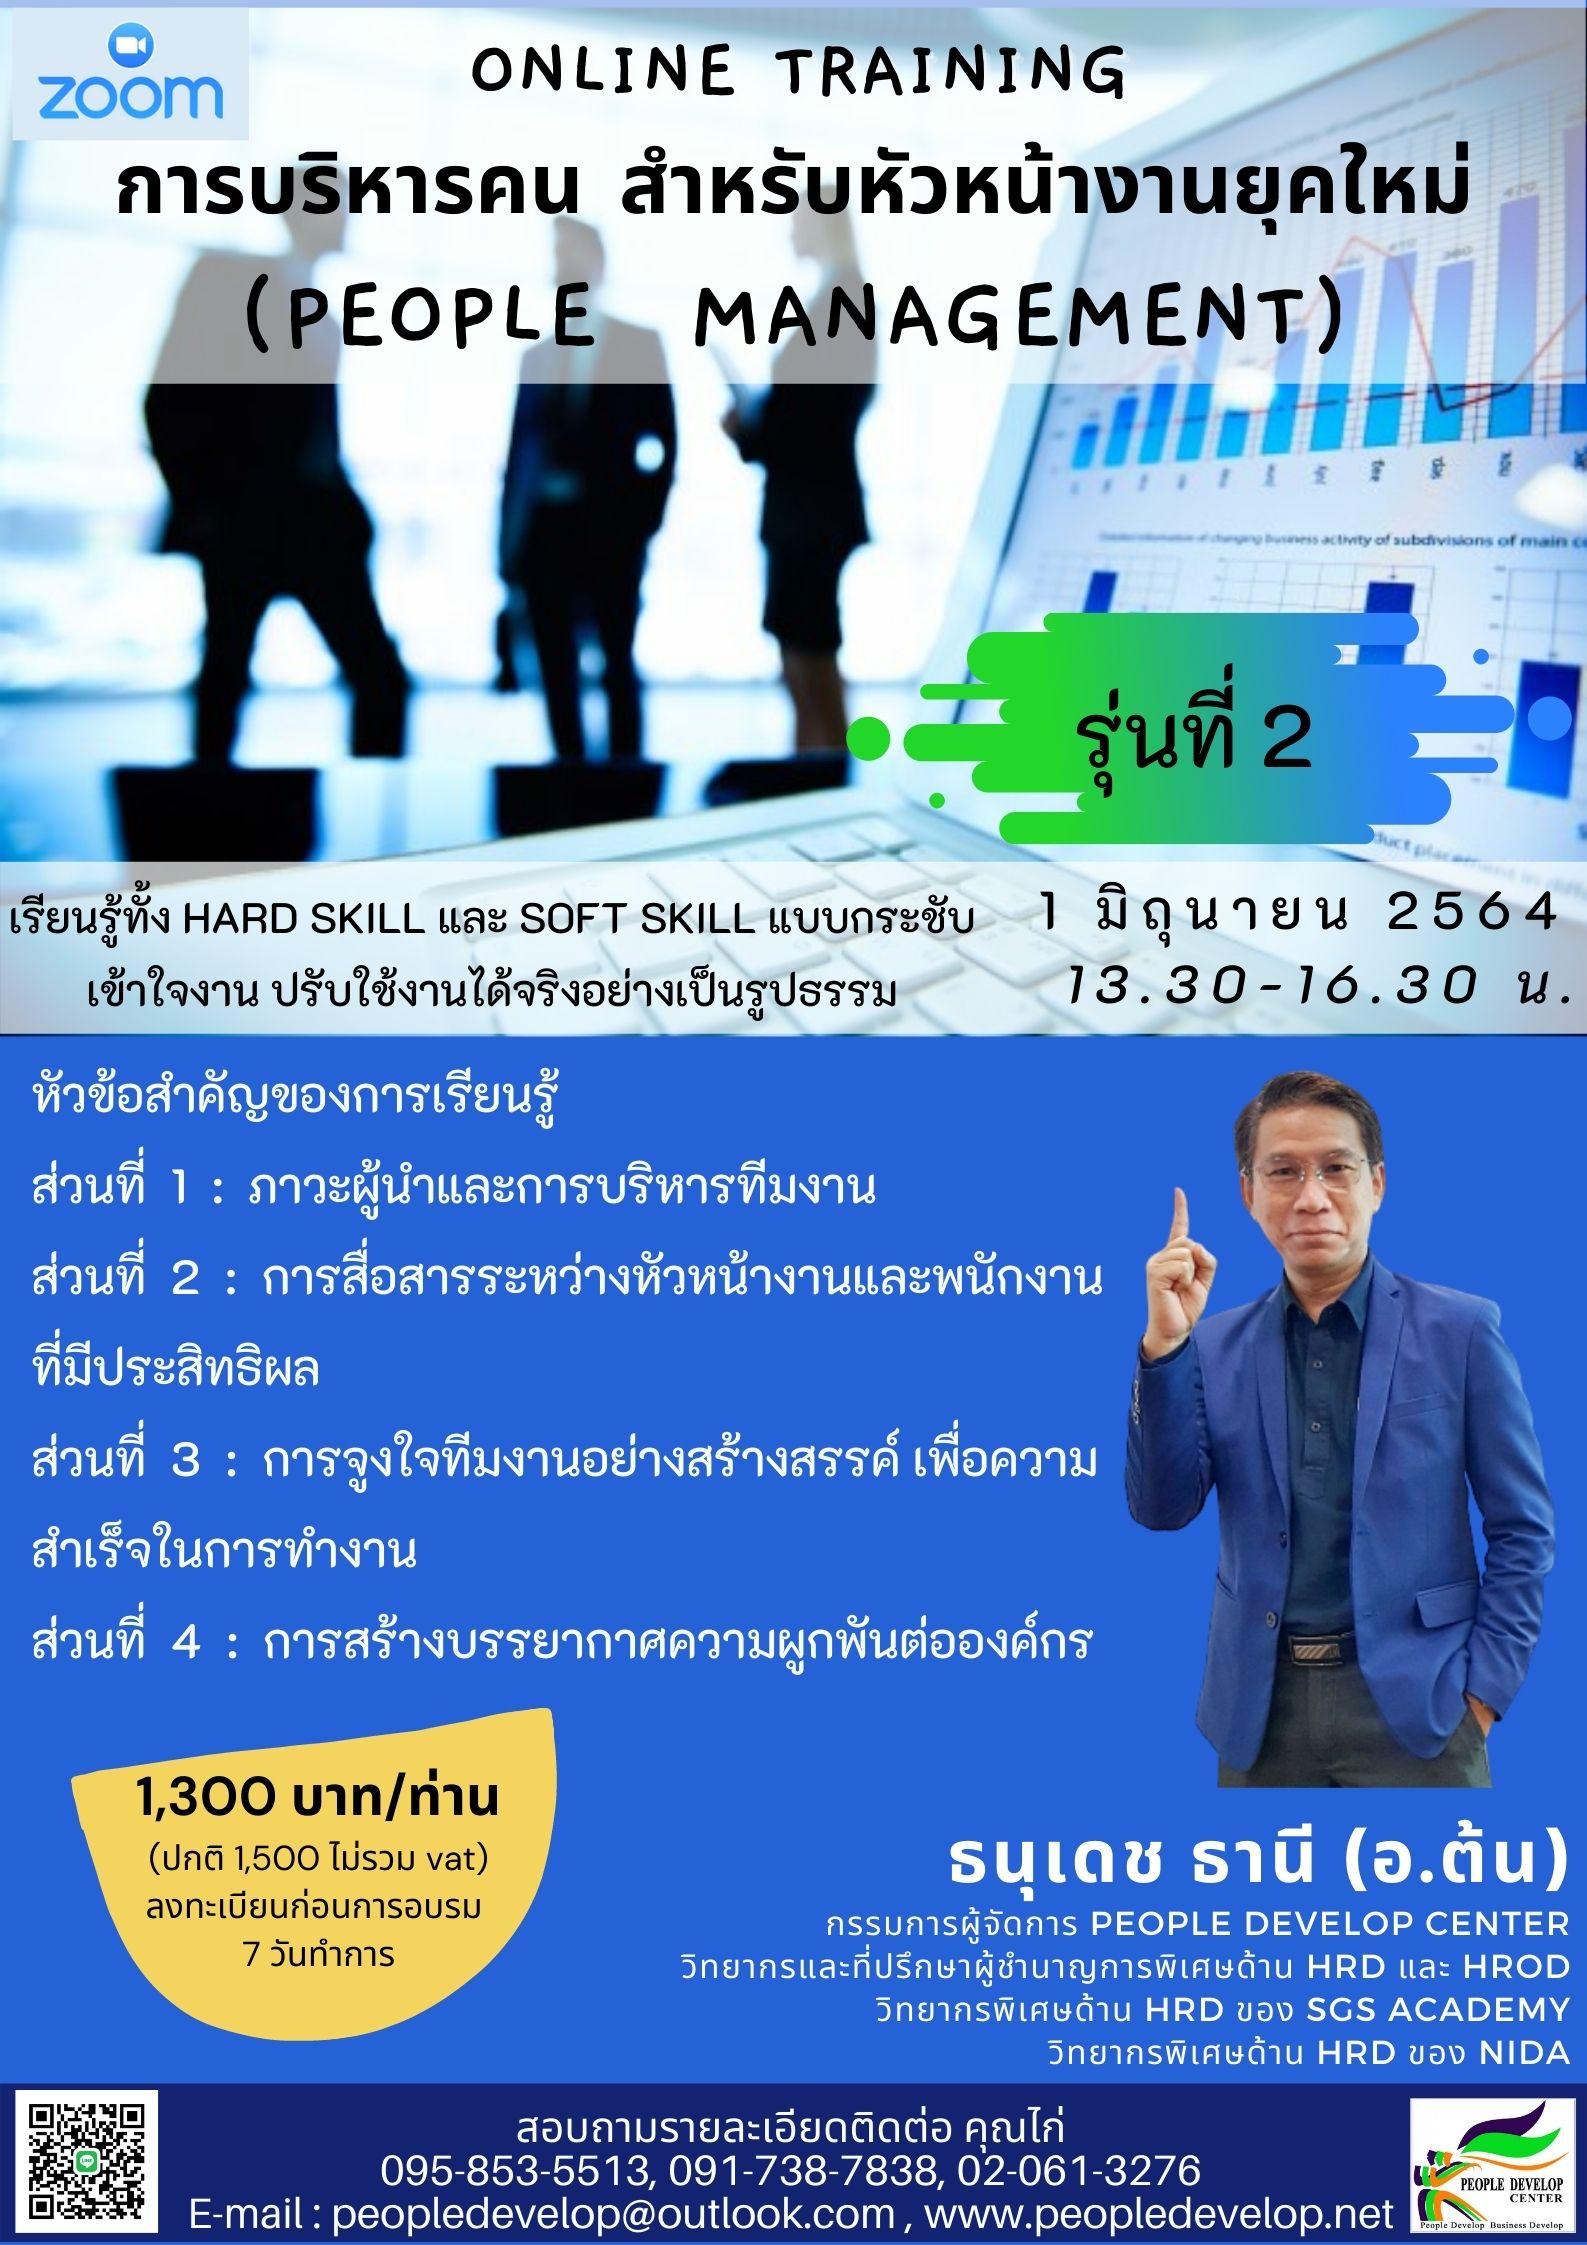 การบริหารคน สำหรับหัวหน้างานยุคใหม่ รุ่น 2 (People Management) : 1 มิถุนายน  2564